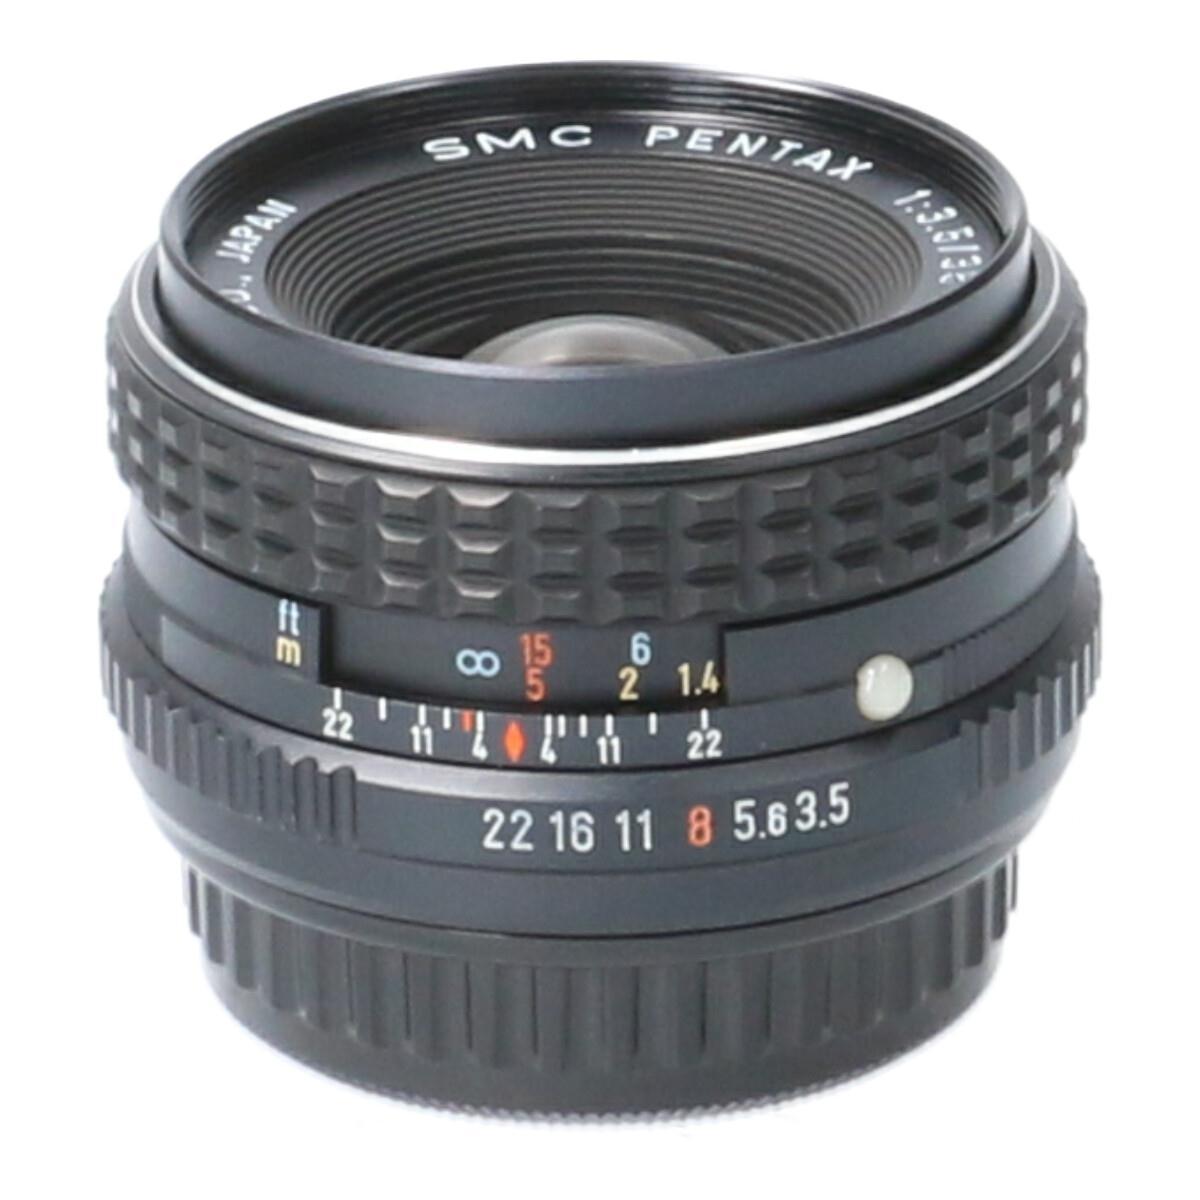 PENTAX SMC TAKUMAR35mm F3.5(M42)【中古】